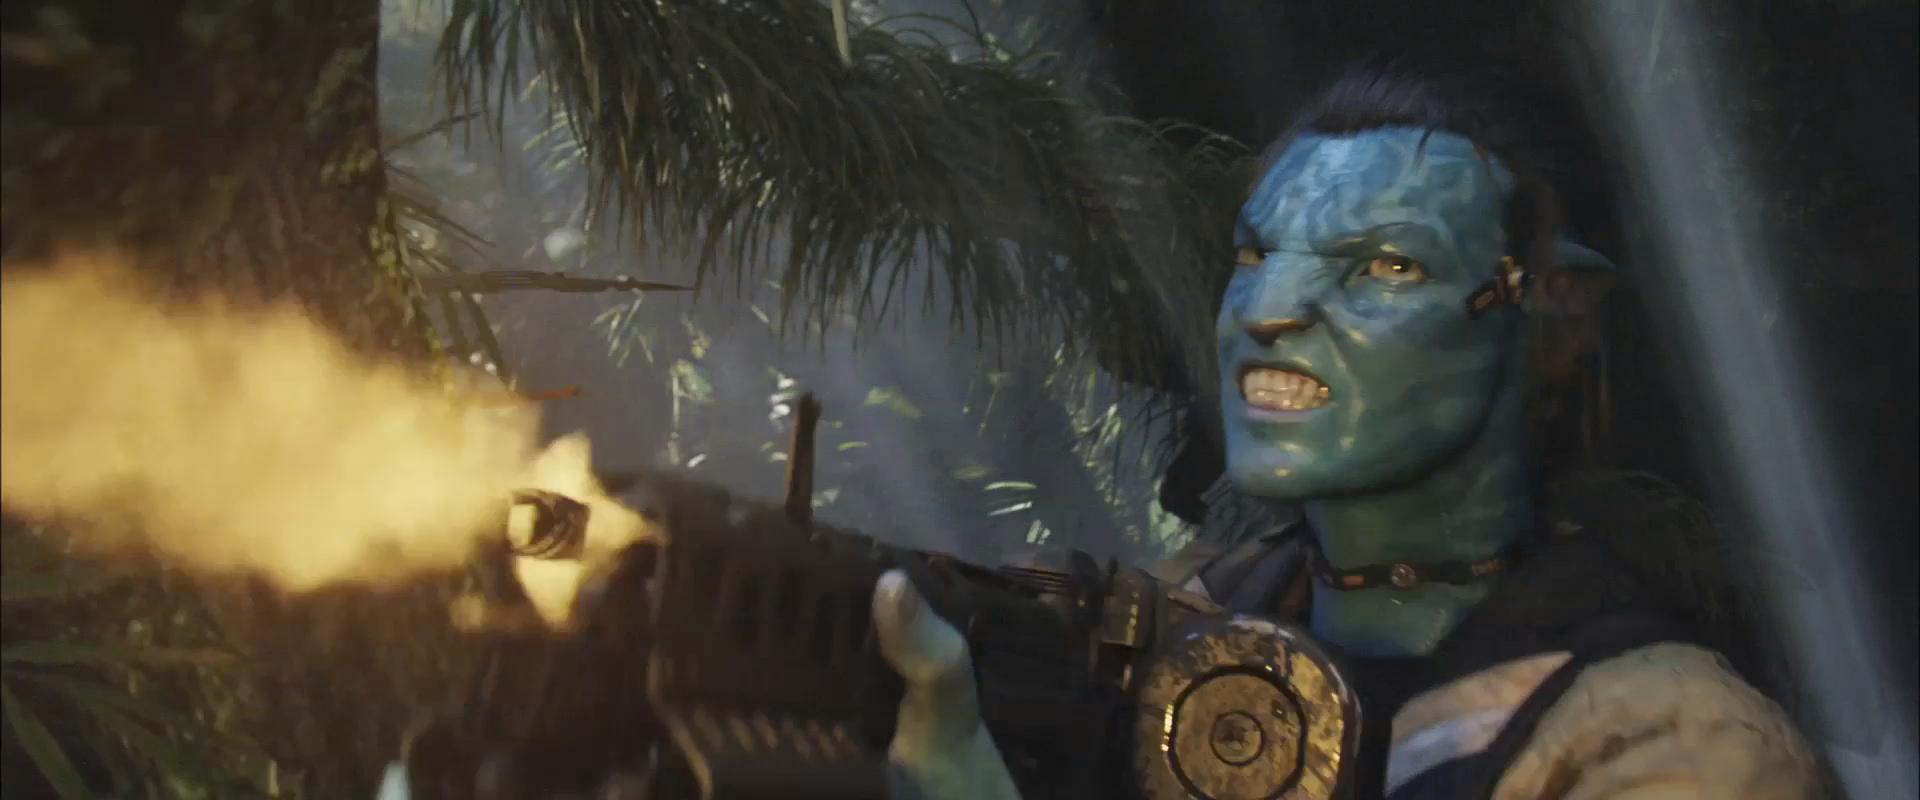 Avatar – føniksen som stod opp fra asken?